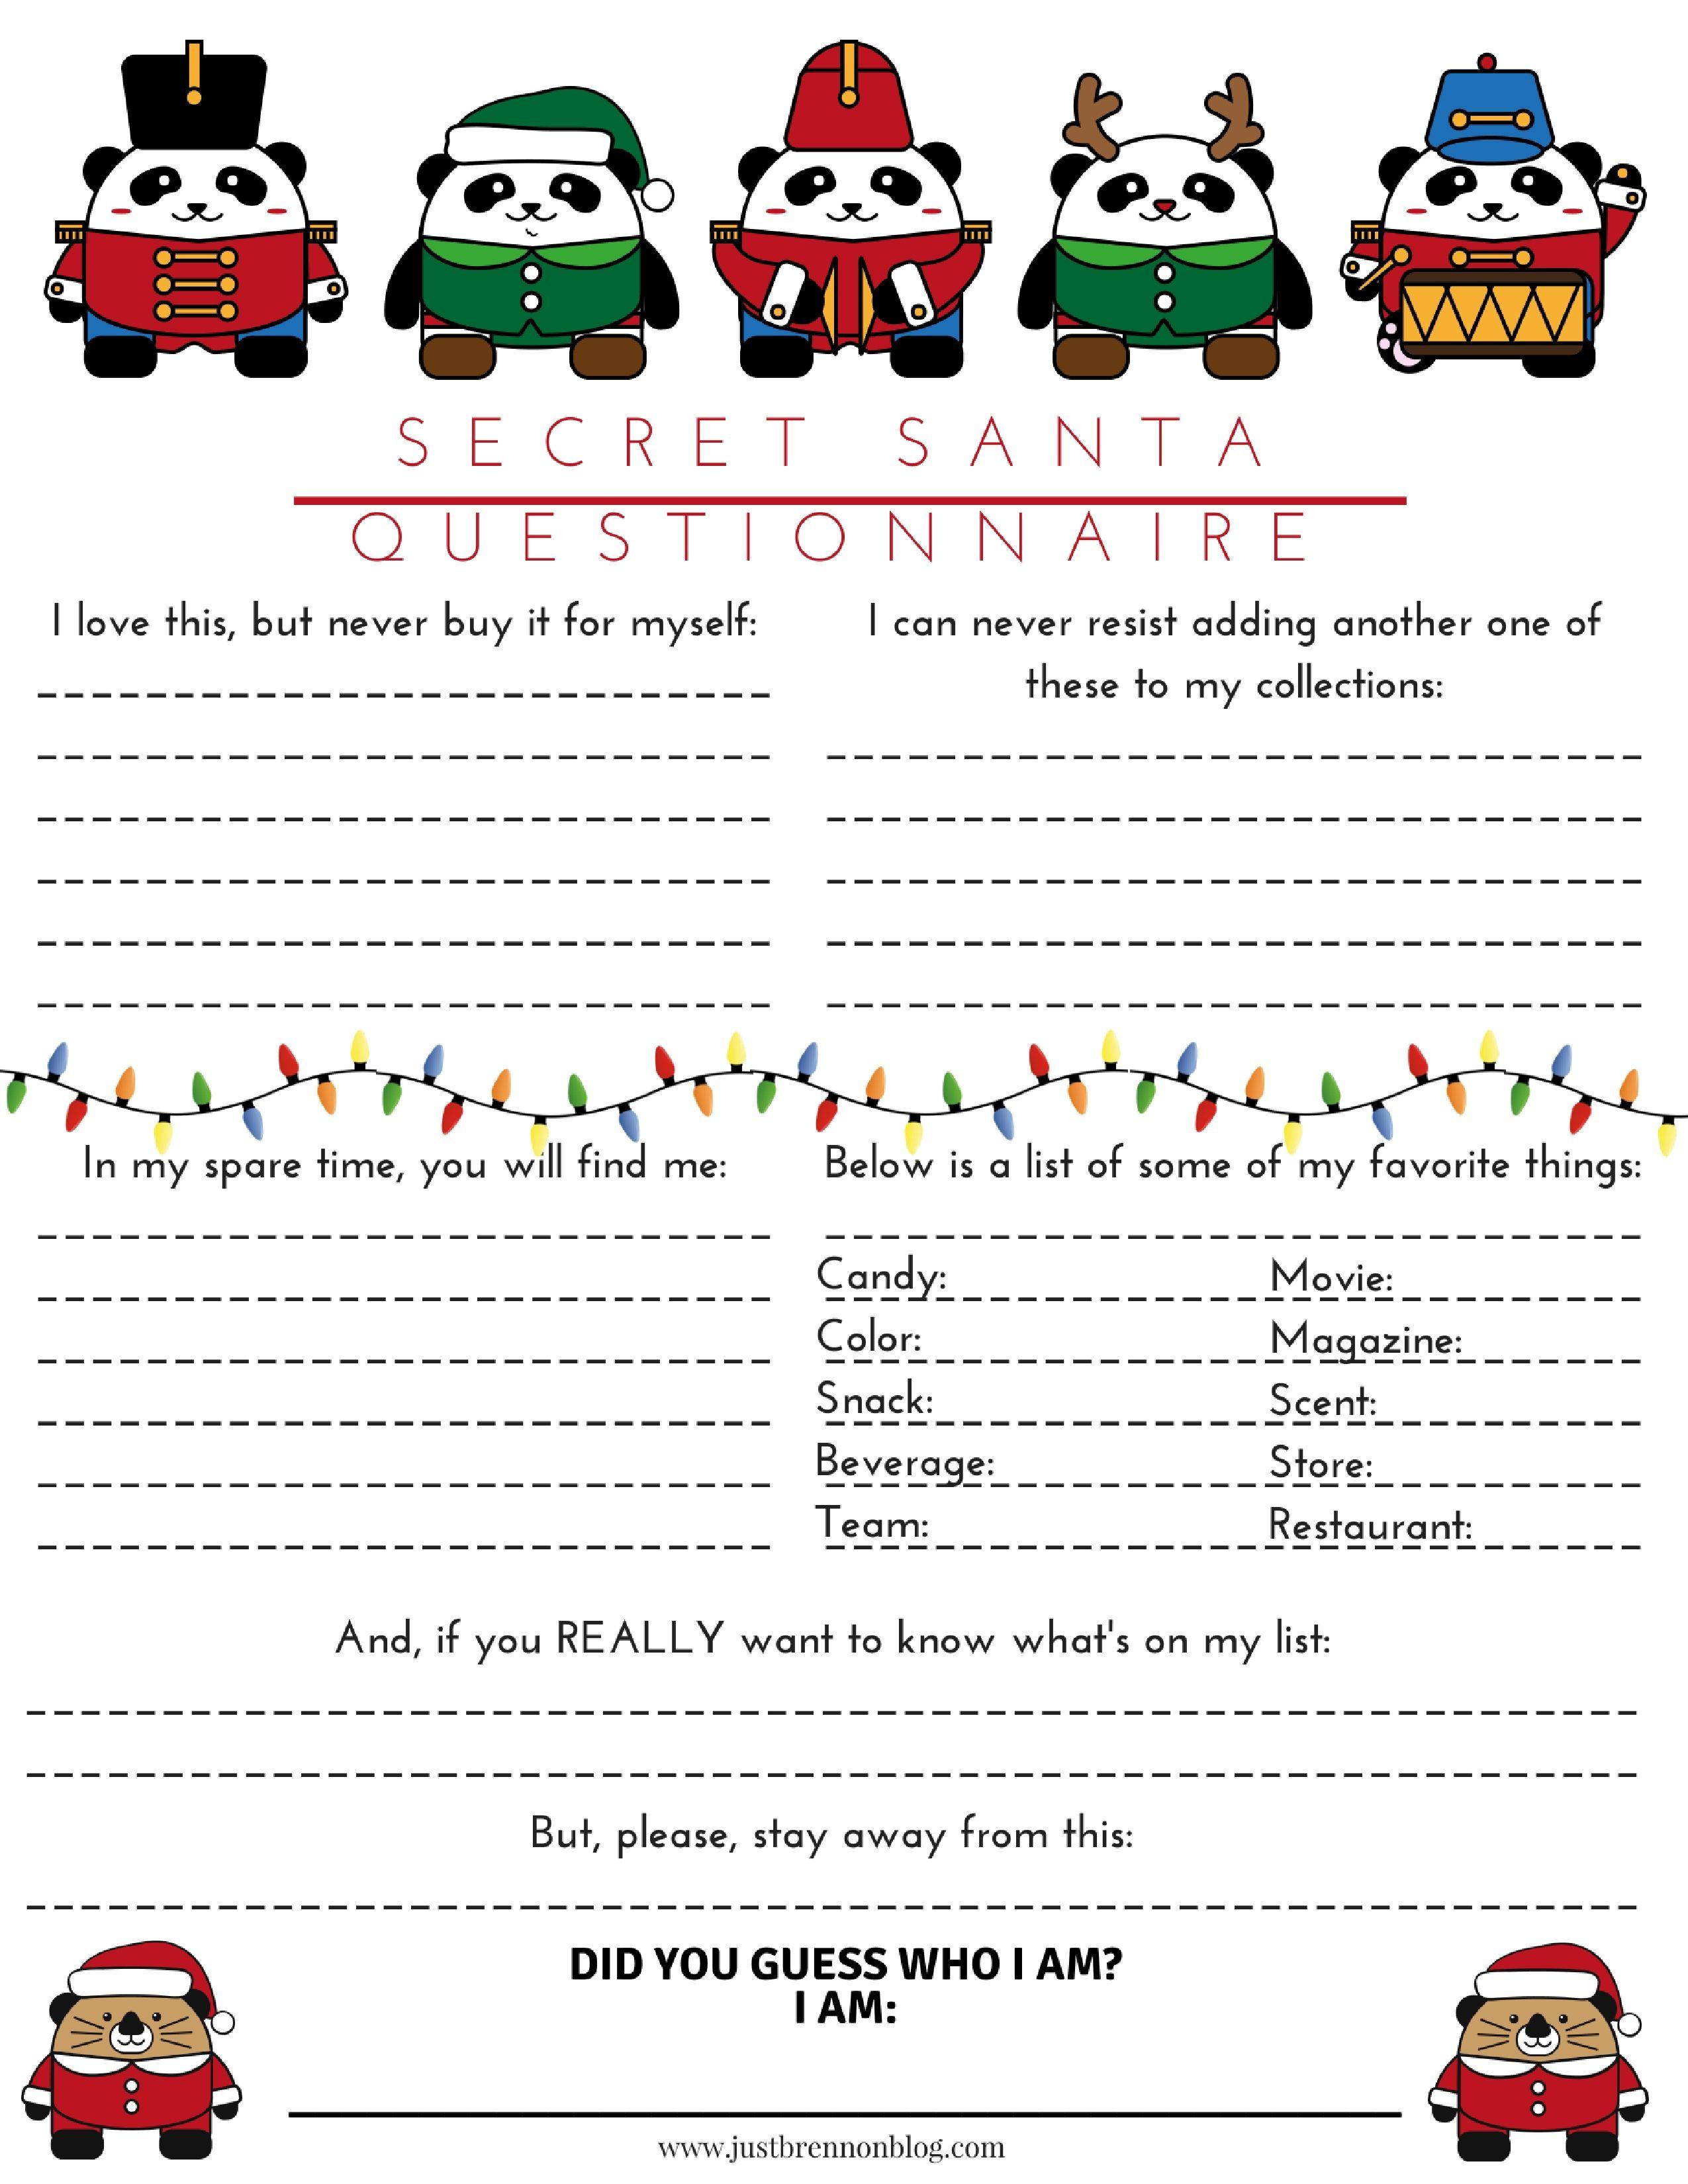 Free Download Secret Santa Questionnaire